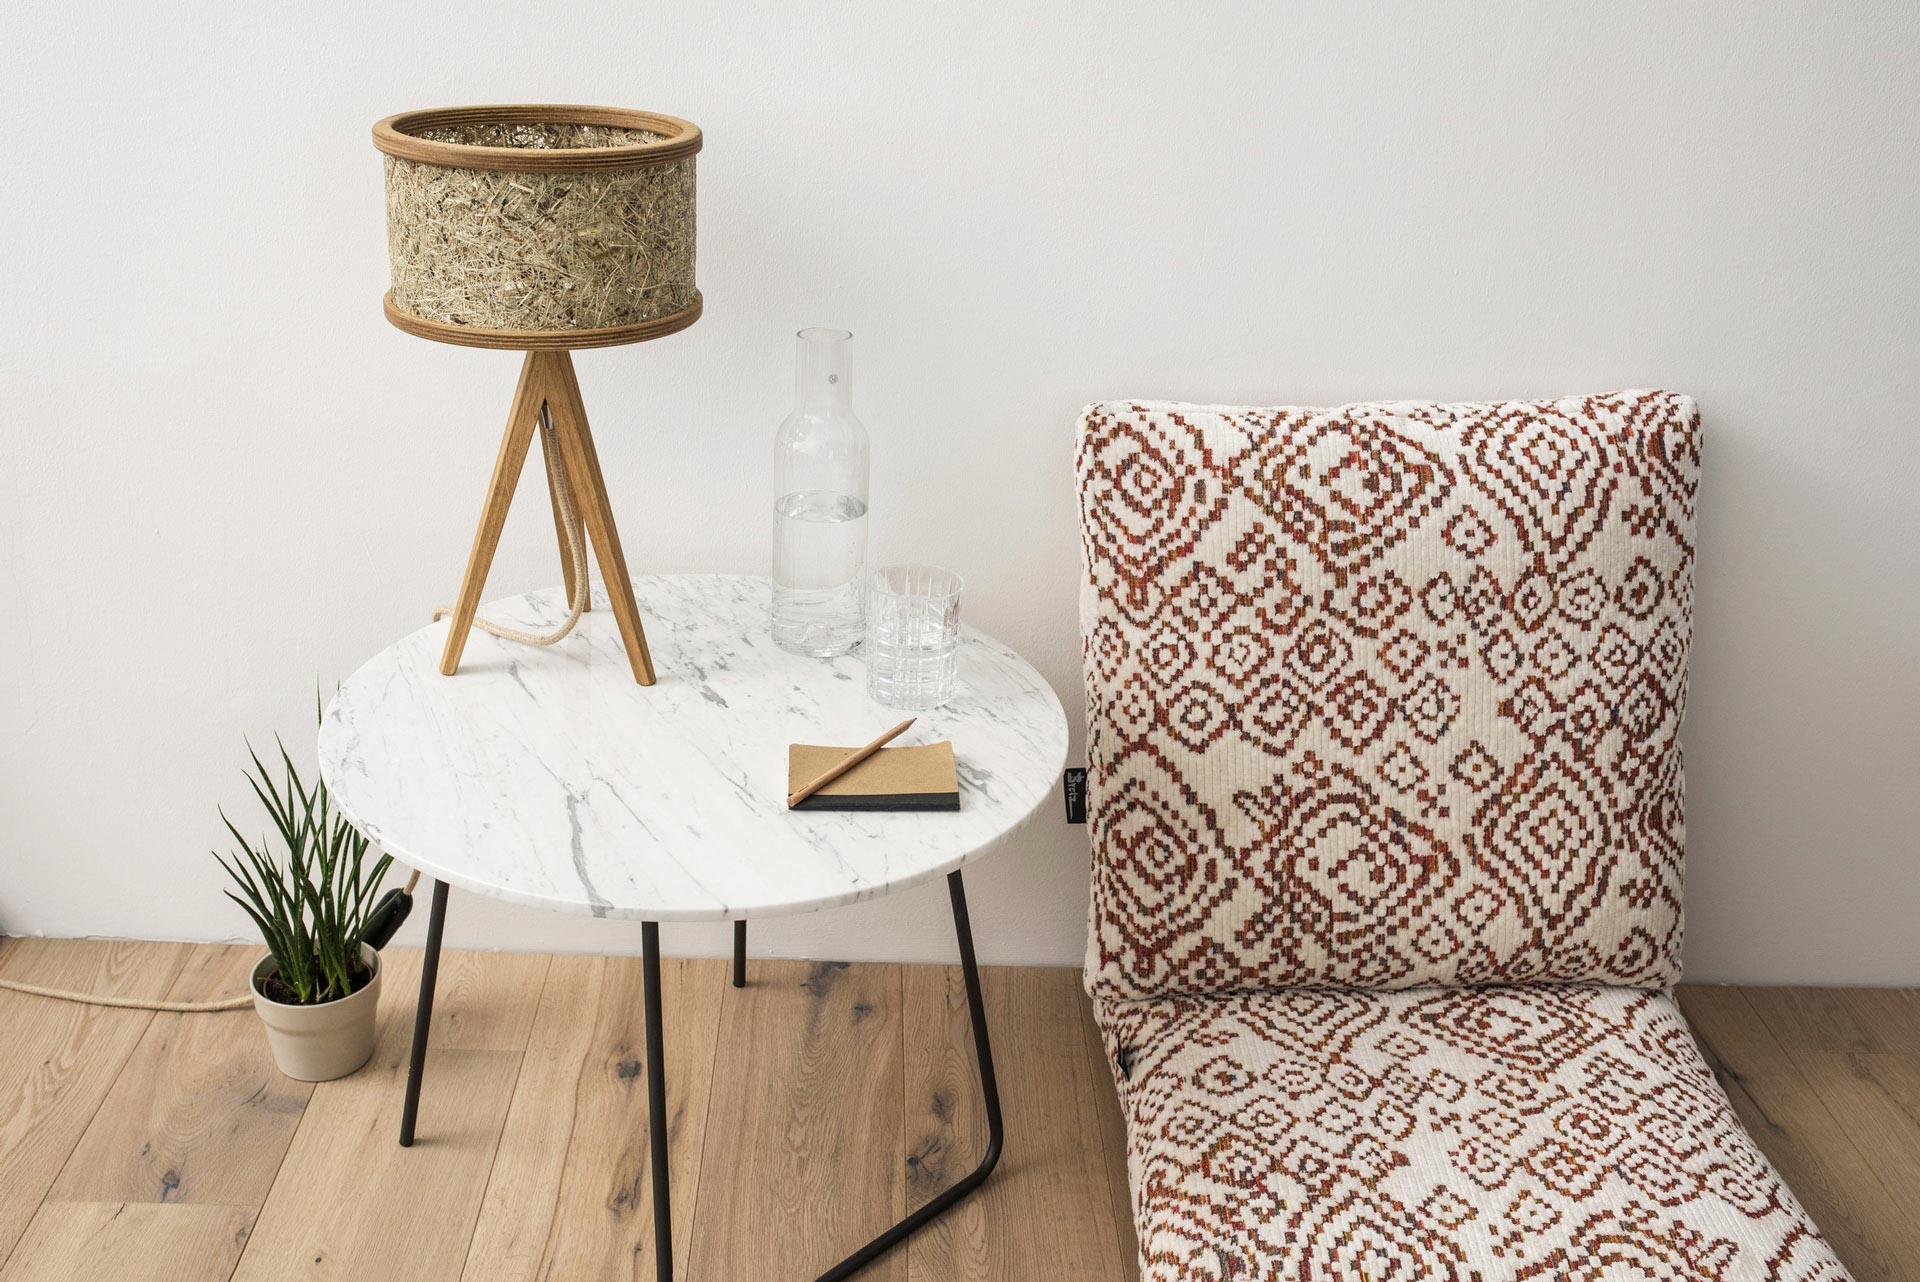 couchzone - Interior Design Innsbruck - Inneneinrichtung